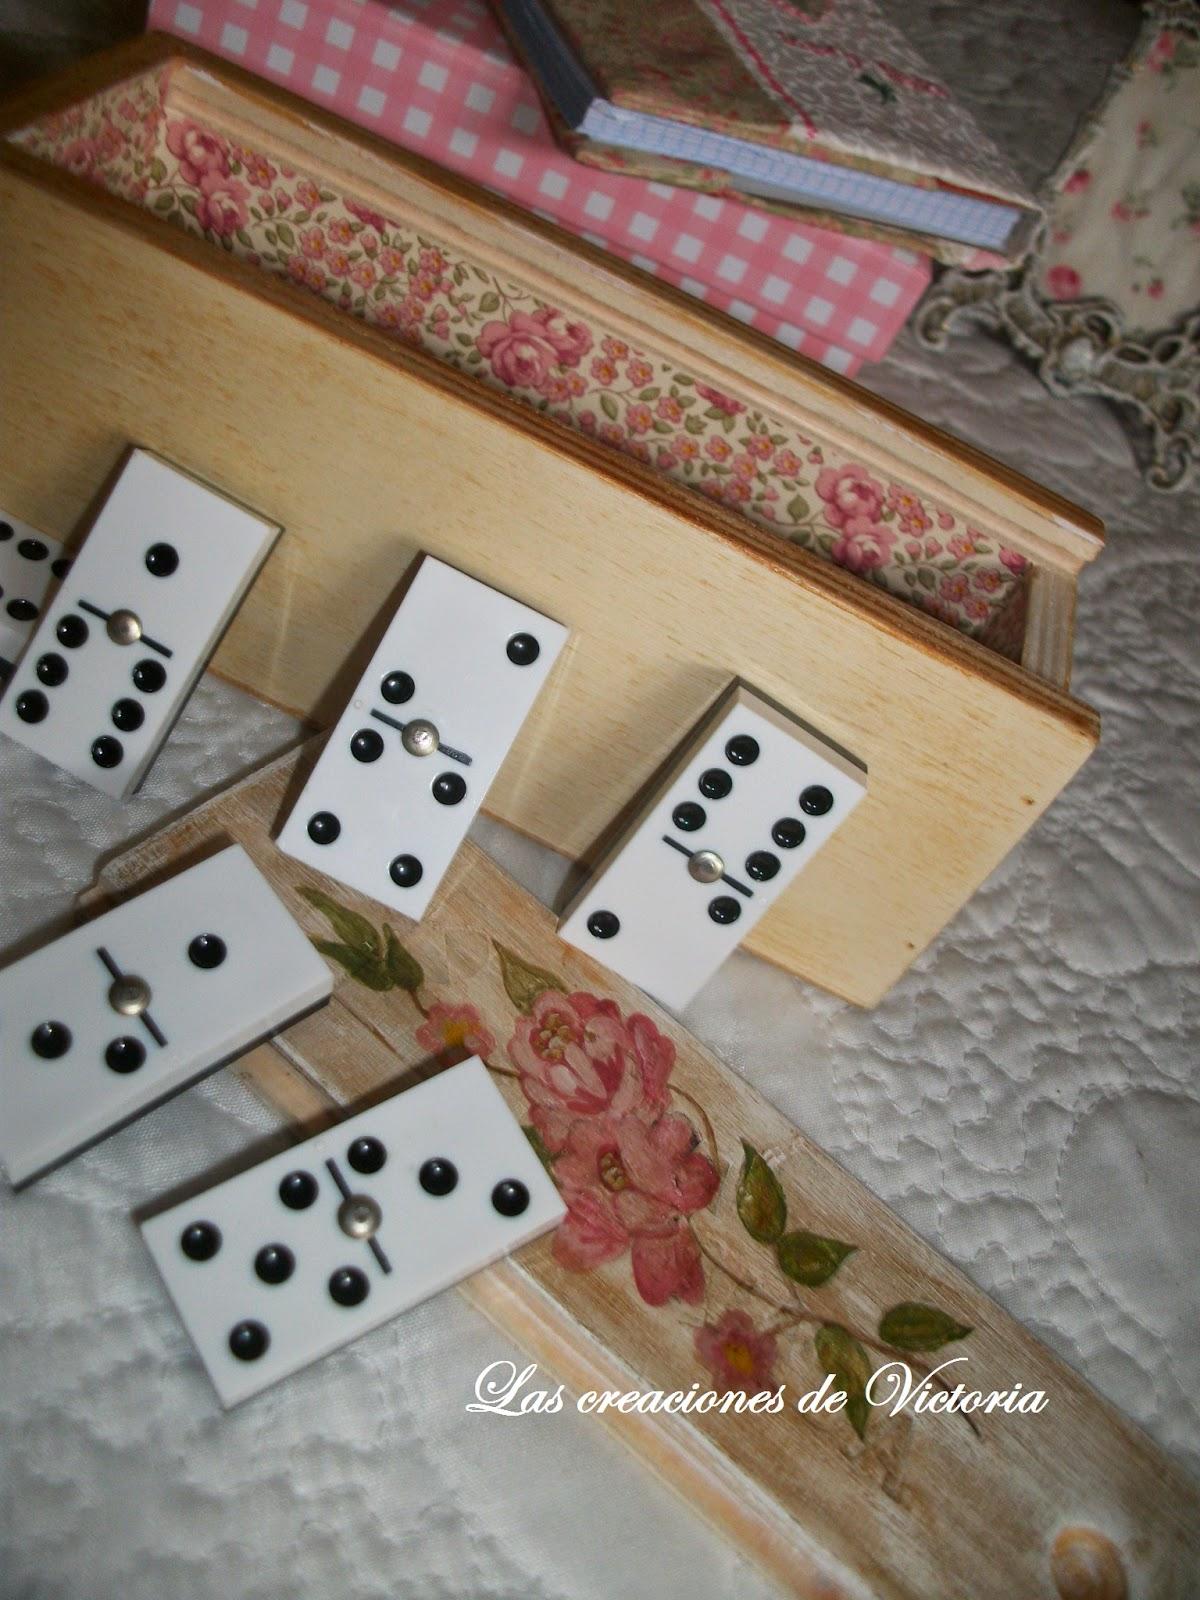 Las creaciones de Victoria.Patchwork.Funda de libreta.Reciclaje de caja de madera domino.Pintura alzada